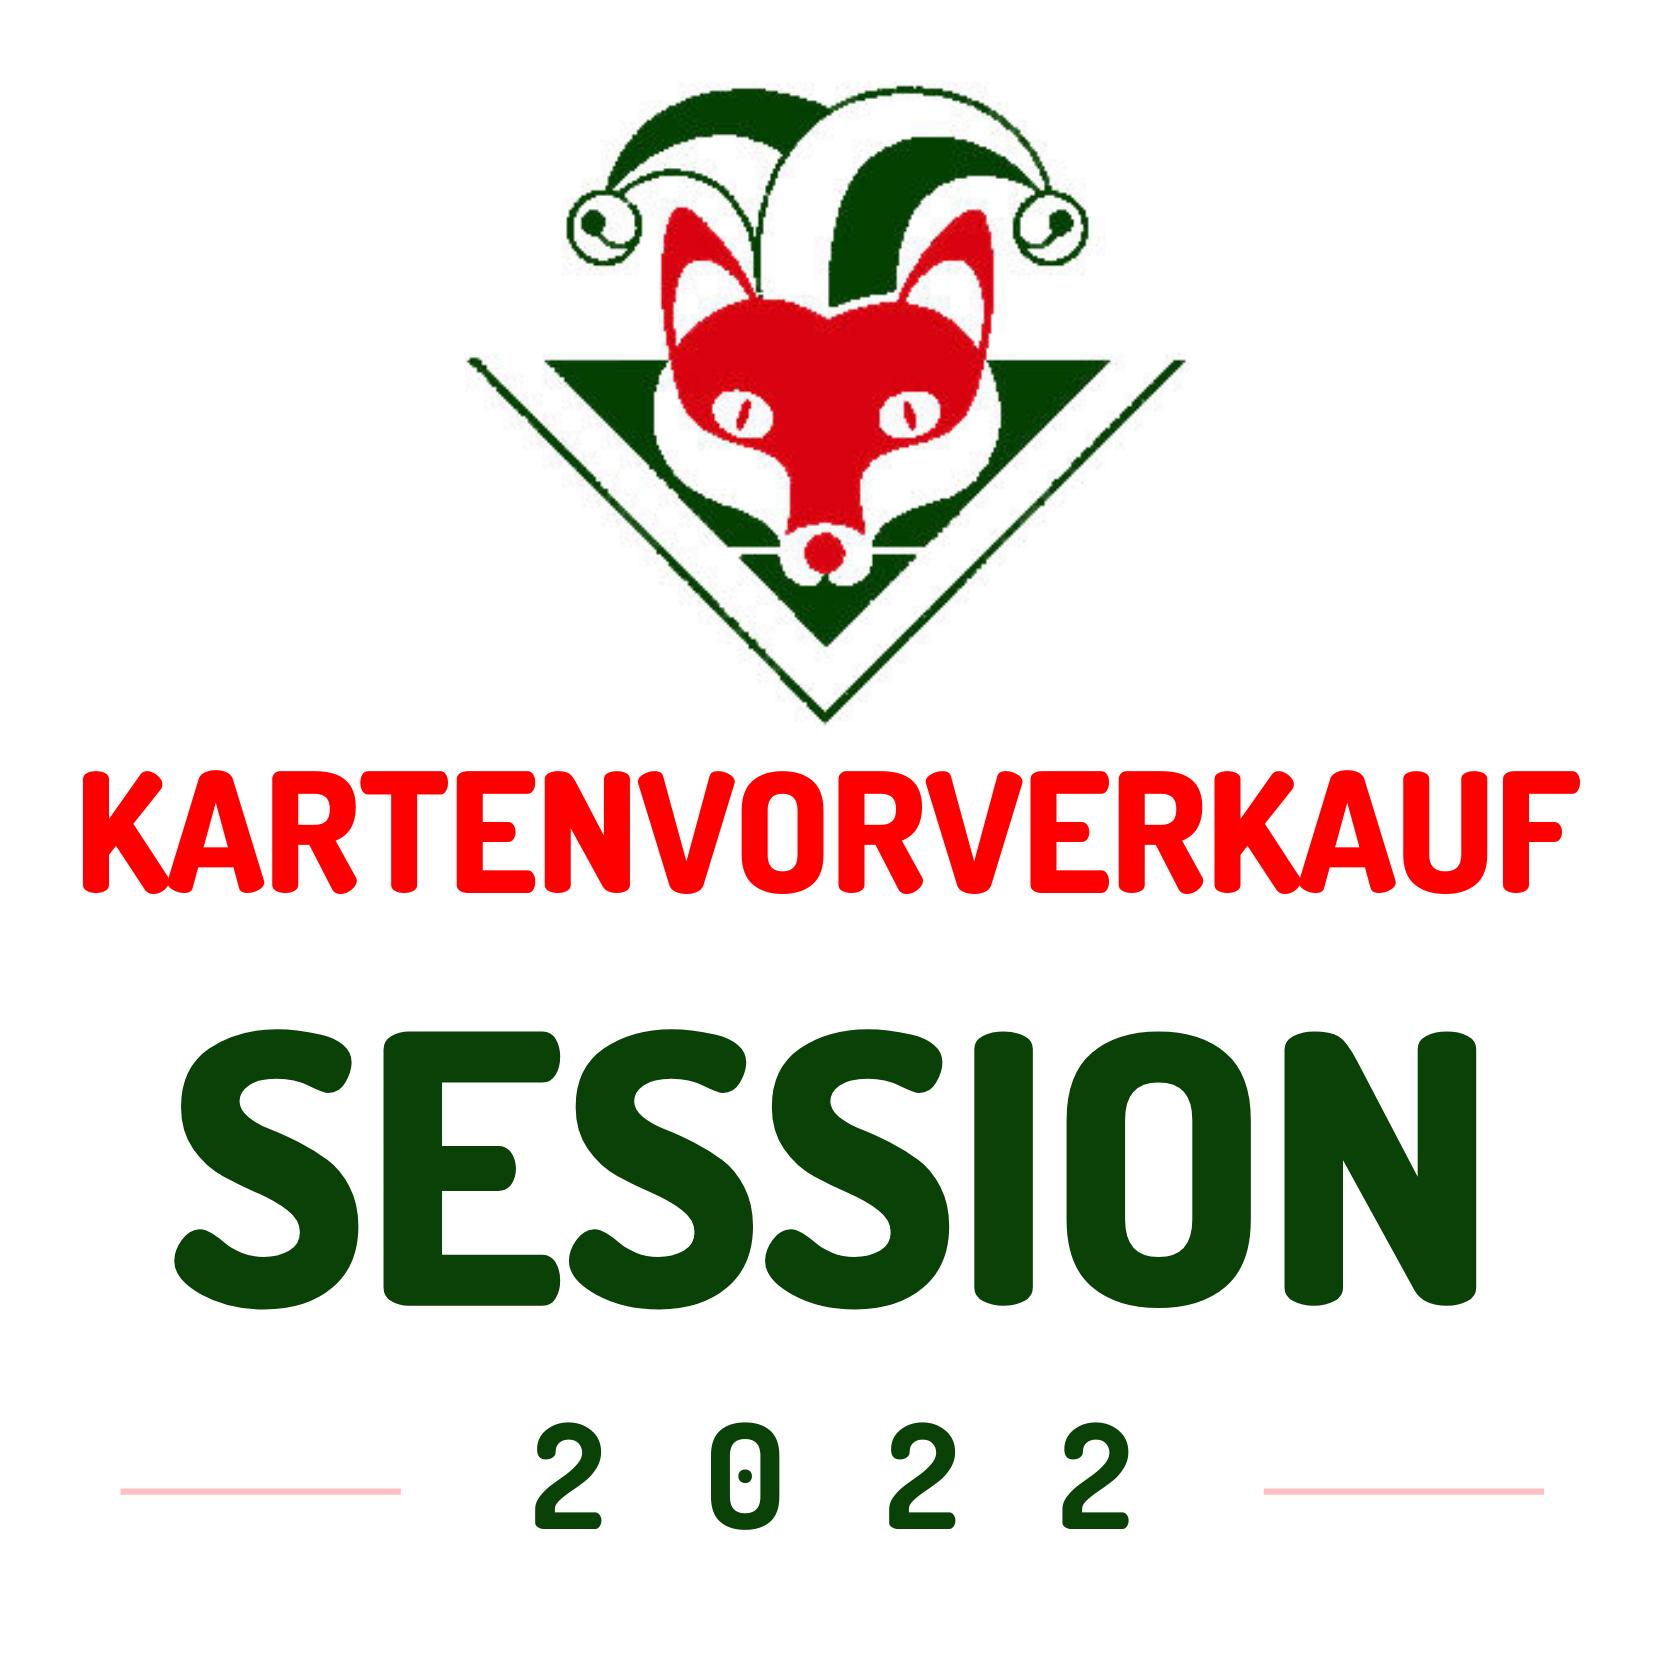 Kartenvorverkauf_Session_2022